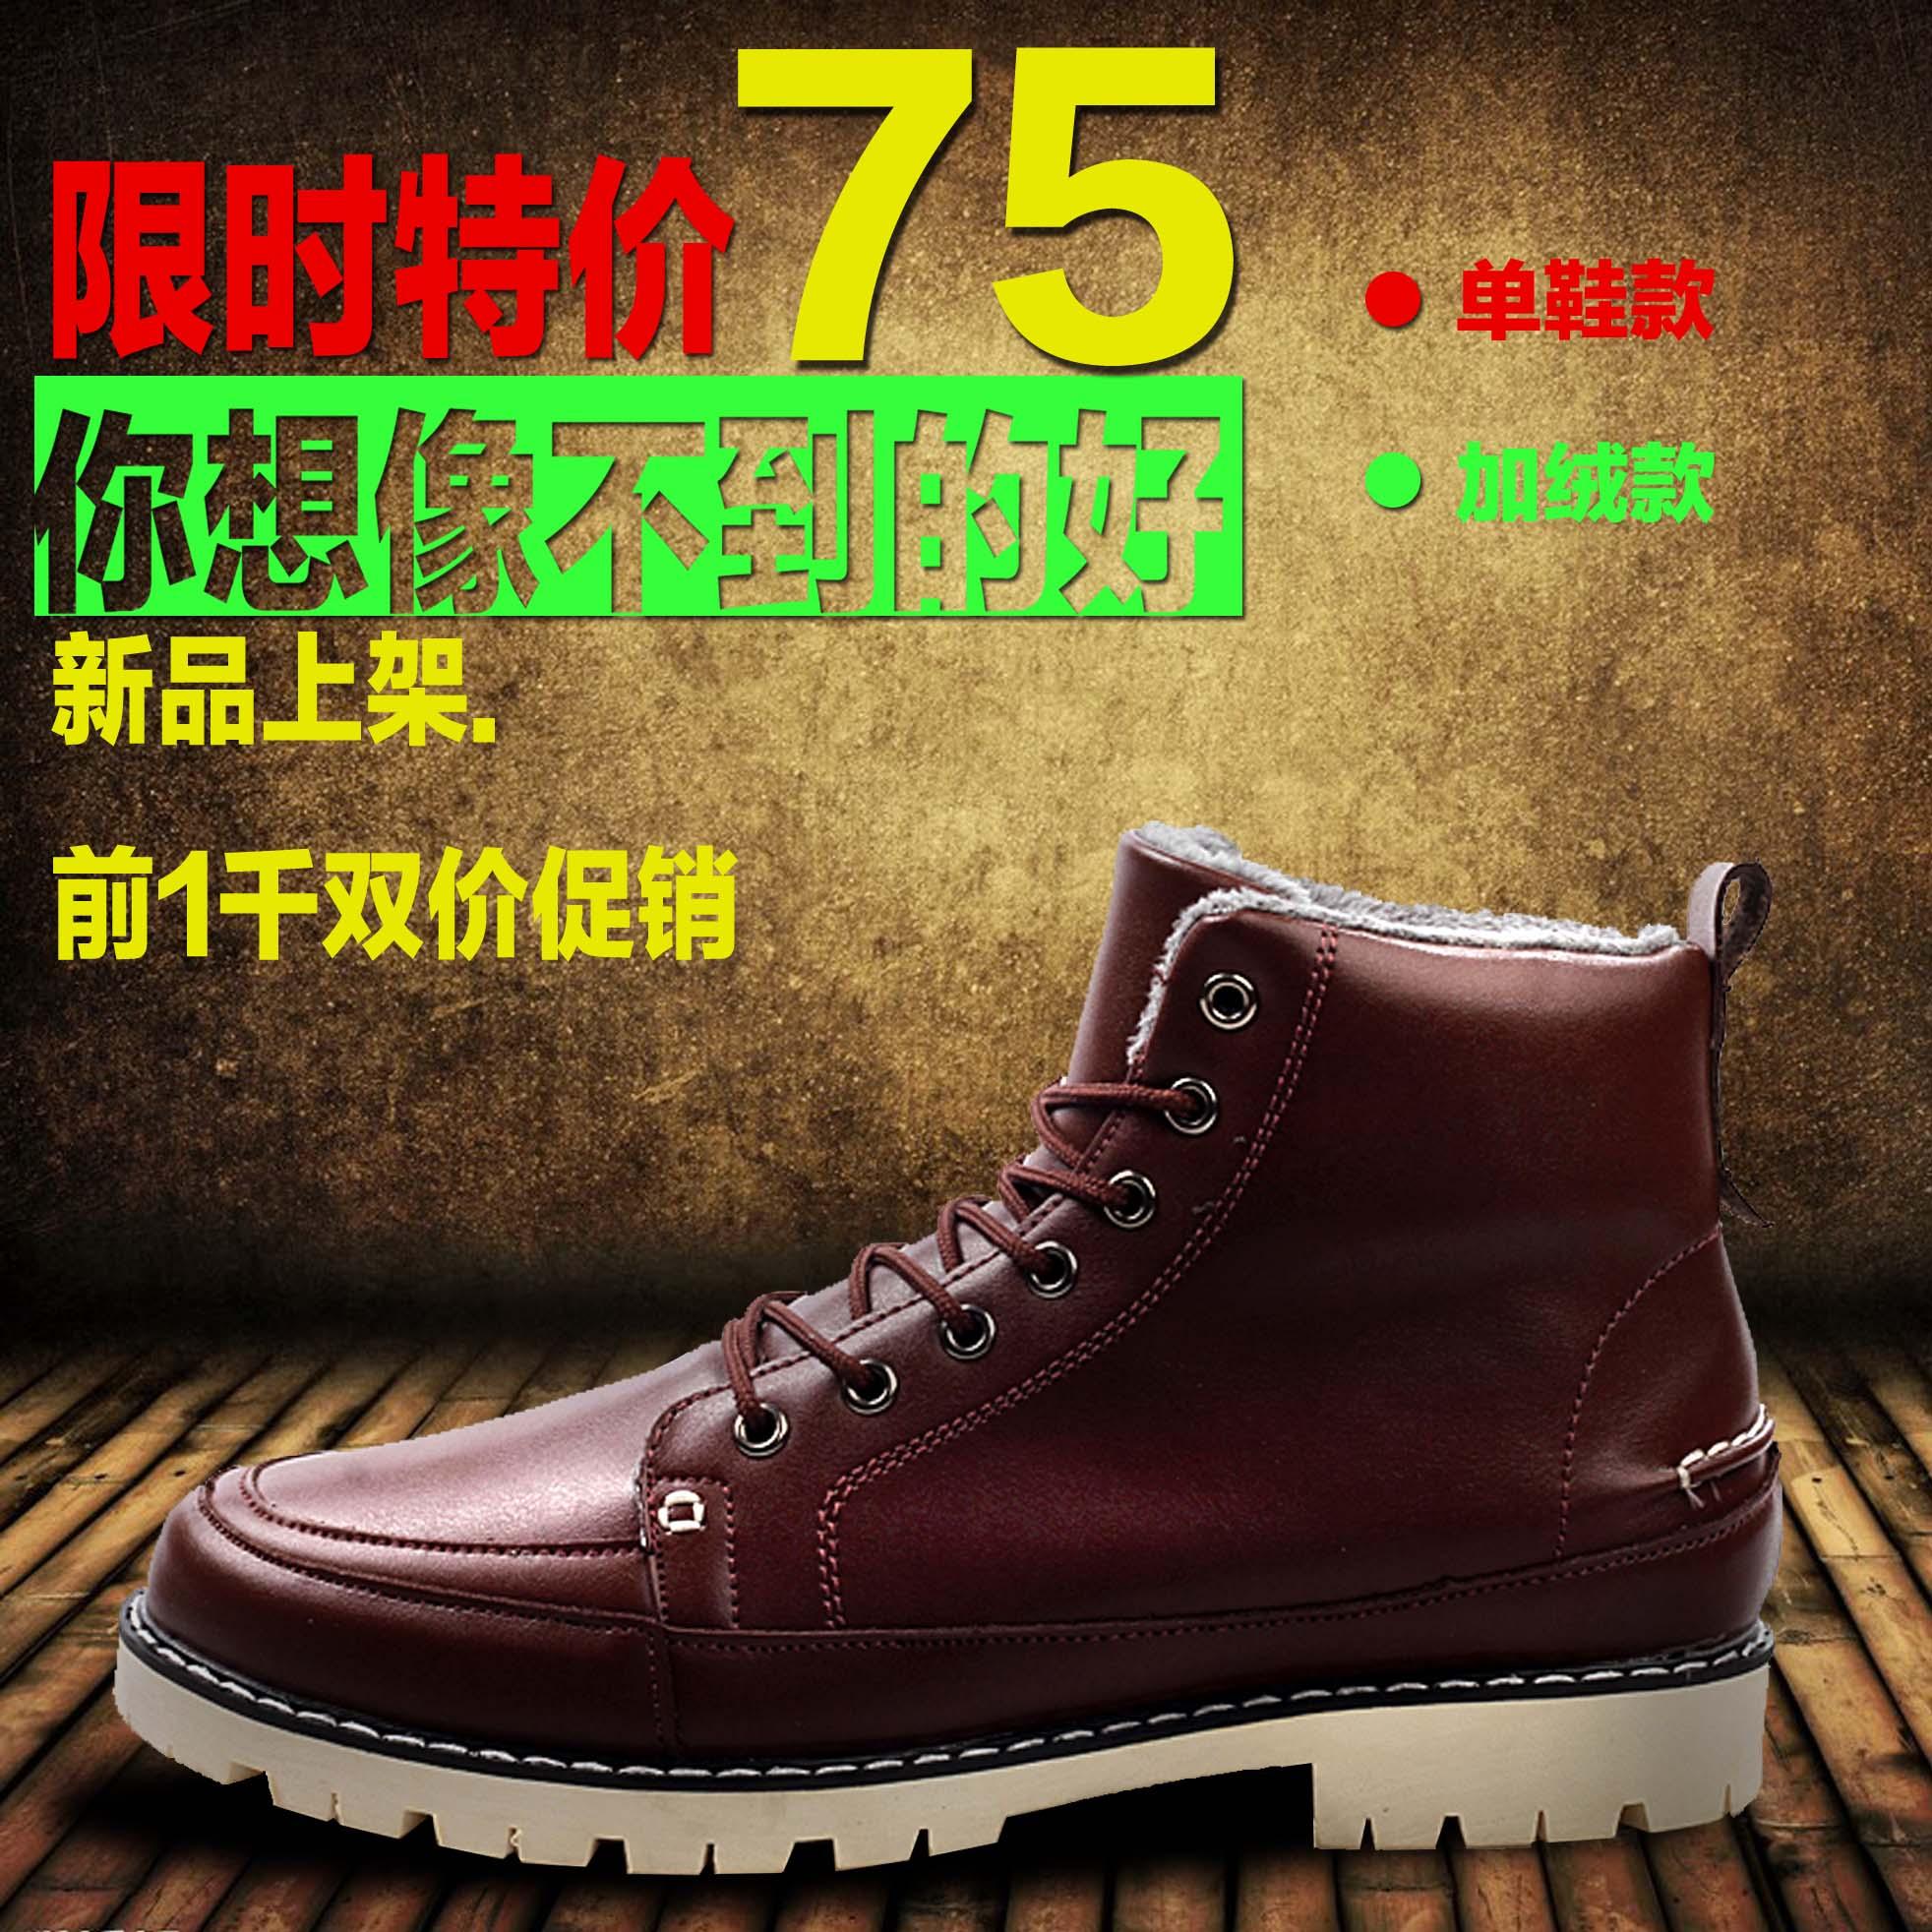 Ботинки мужские Зимняя обувь мужчин высокие Линь изогнутые Чистка тенденции увеличения корейских мужчин туфли Англии Мартин сапоги